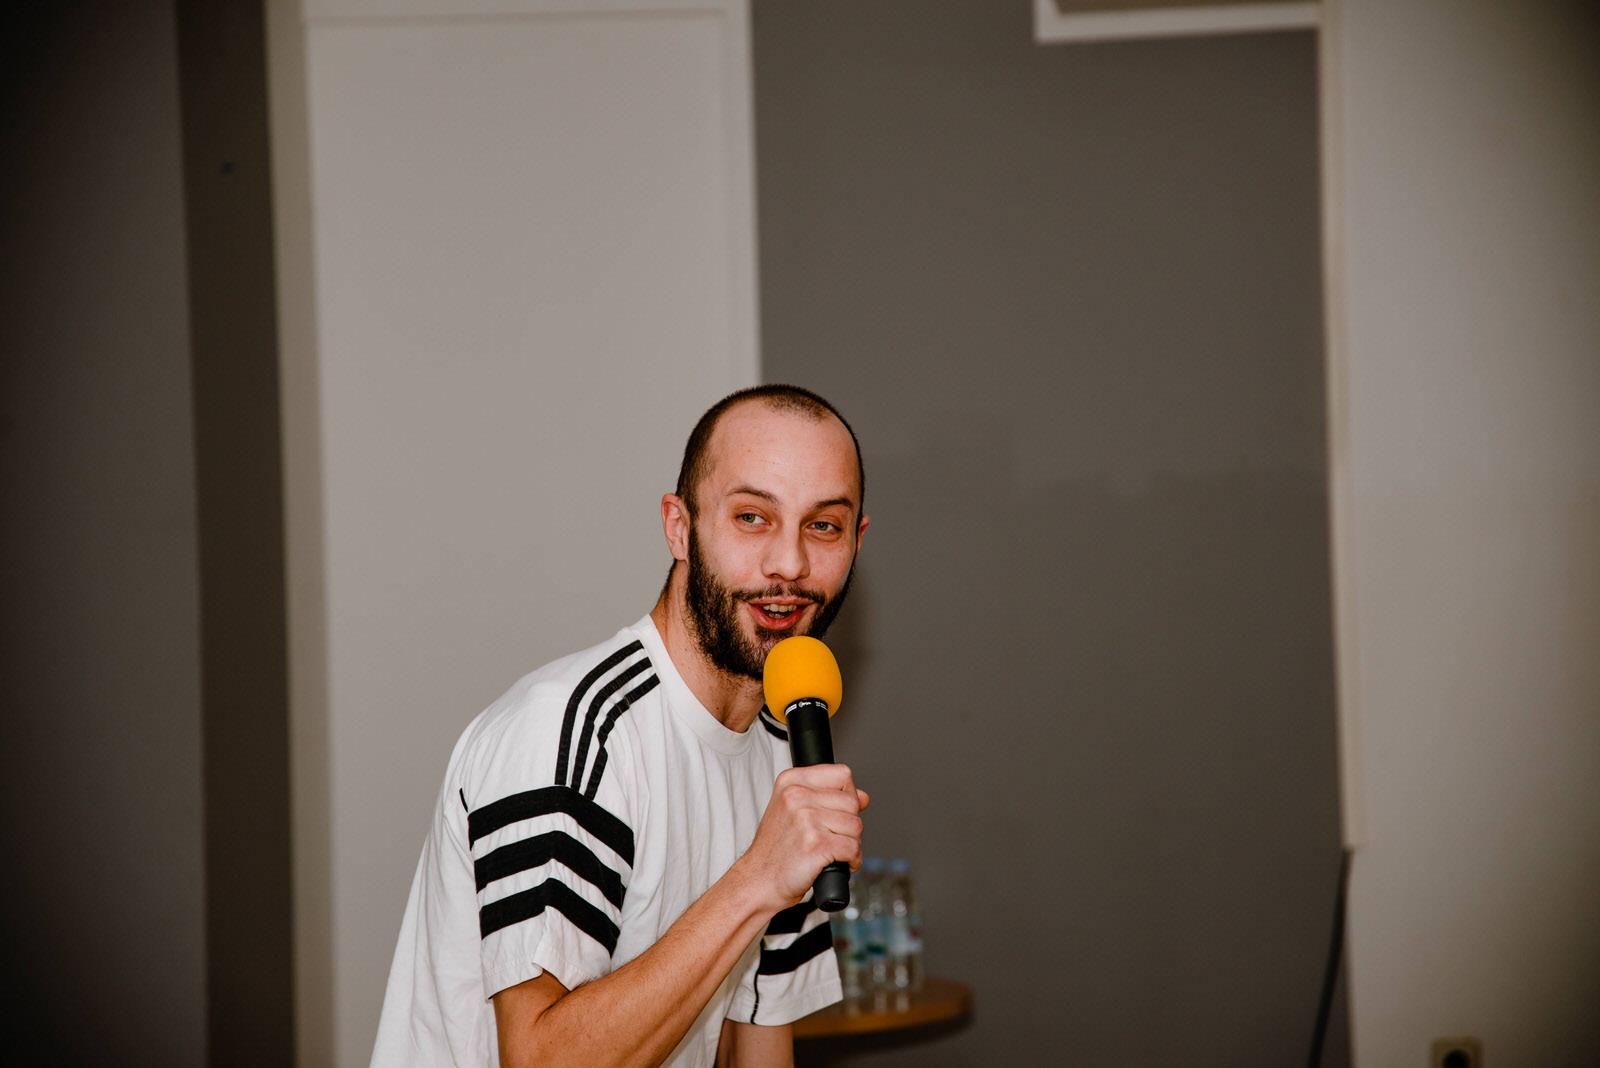 likaclub_gospić_kic_lajnap stand up_siječanj_2020 (10)